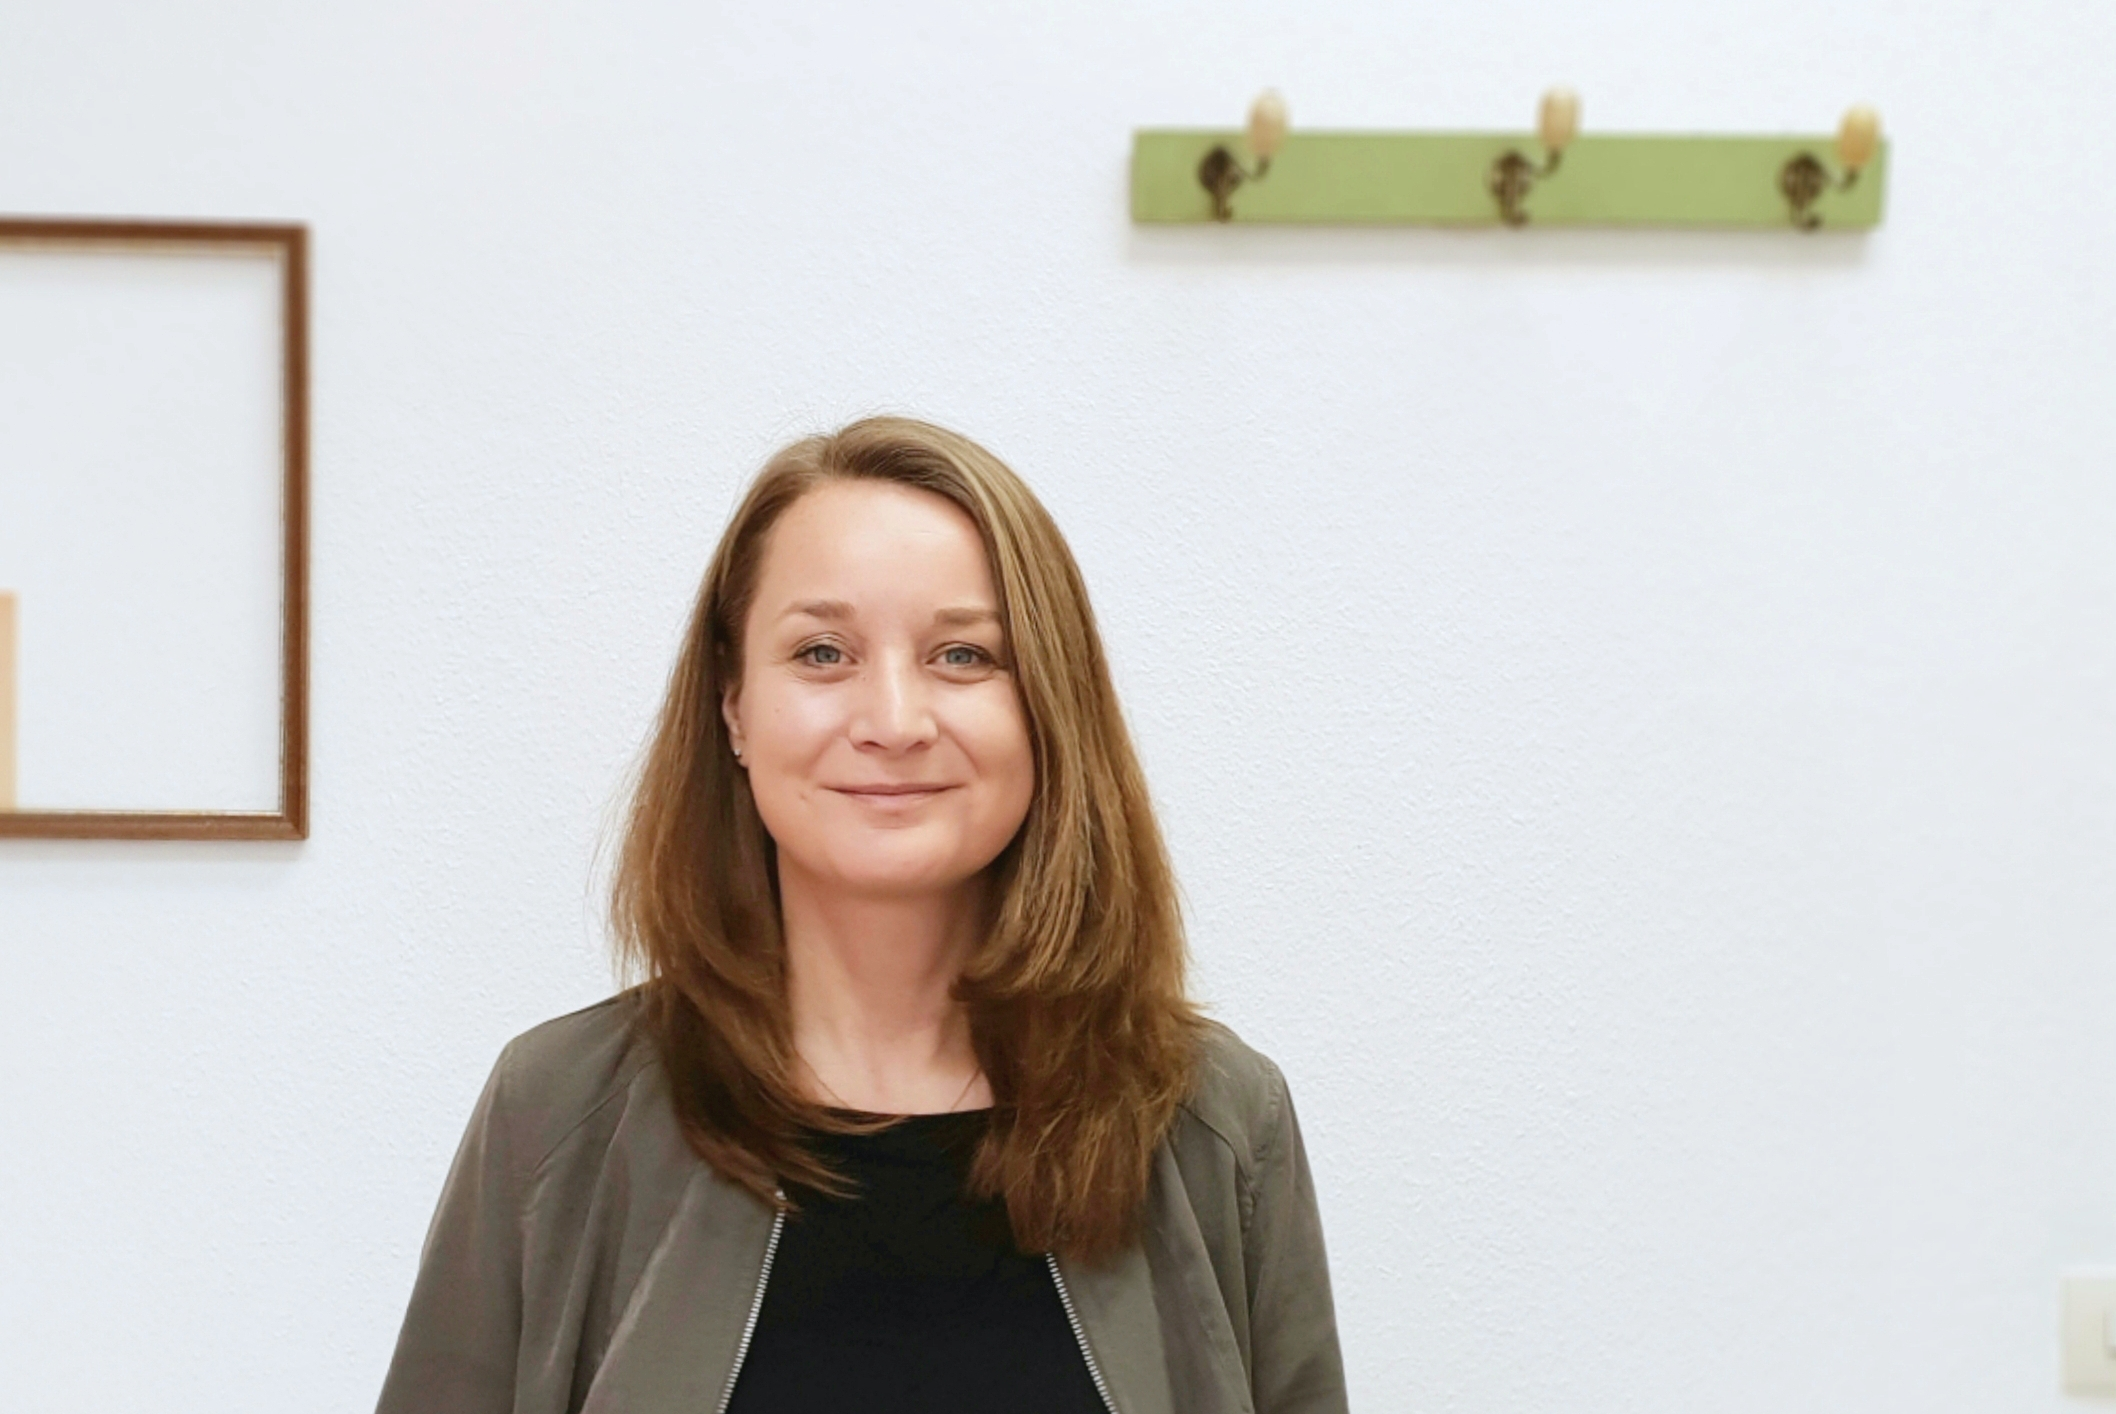 Tina Steckling Psychologische Beratung, Expertin für Liebeskummer, Eifersucht und Trennungsschmerz